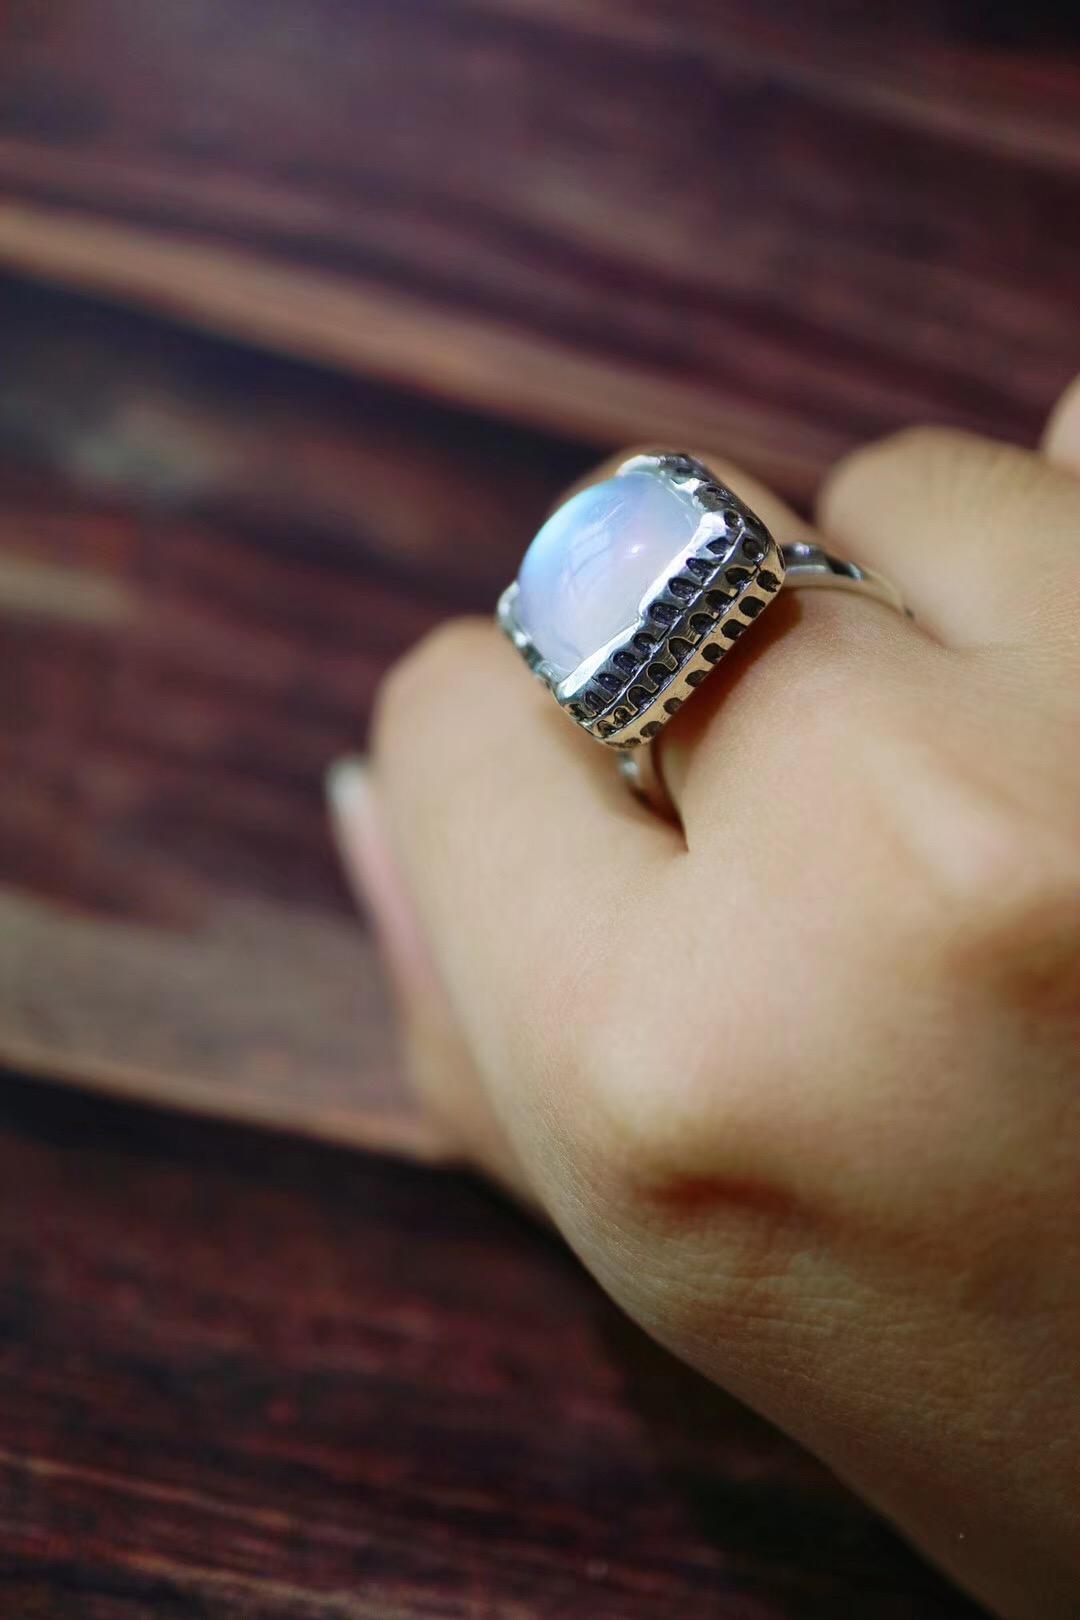 【月光石戒指】踏着这灿烂的月光,我们再一起漫游-菩心晶舍